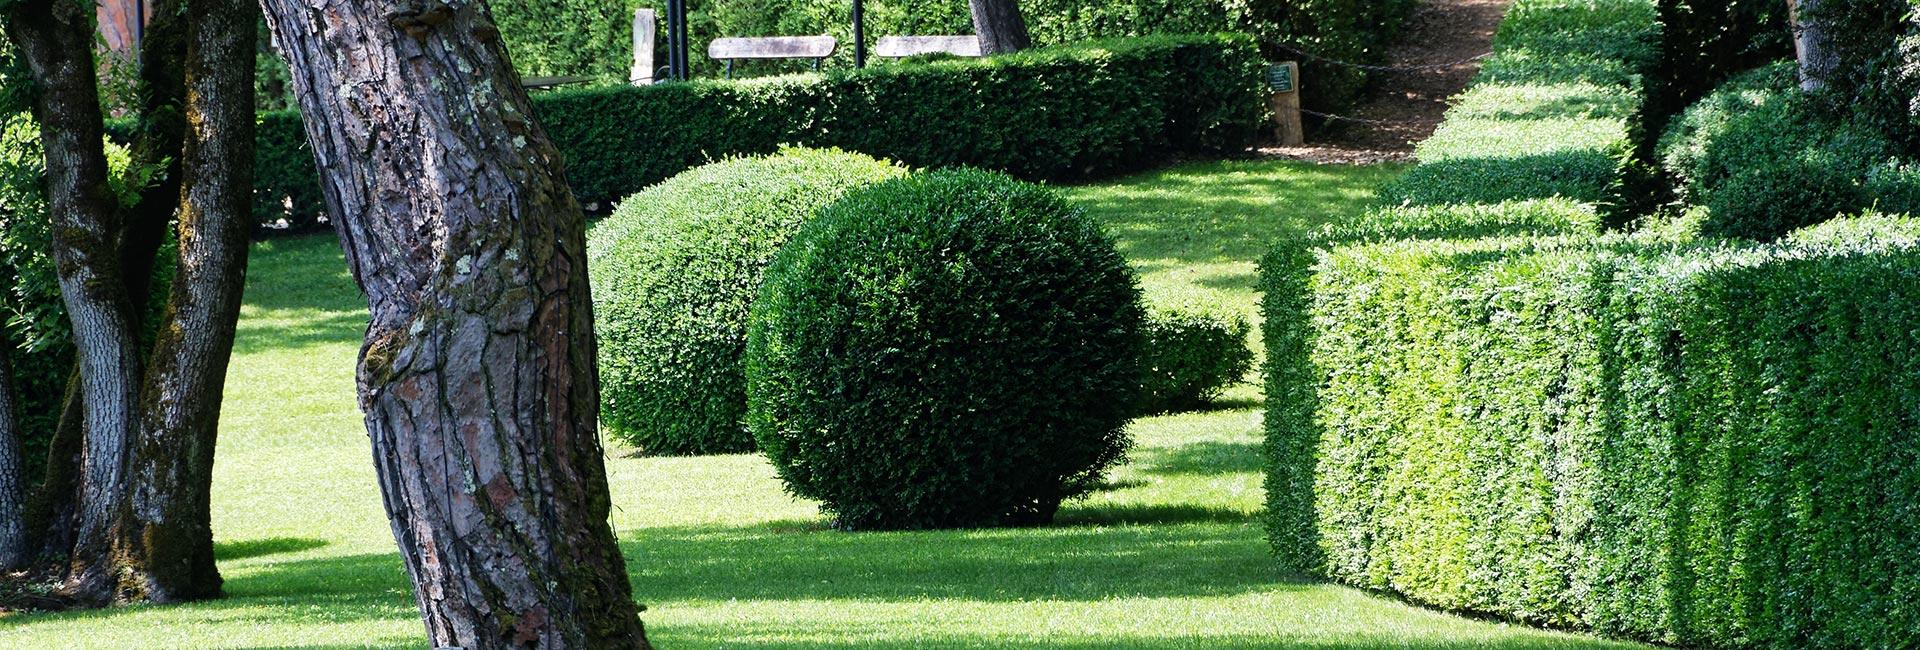 Jardin Passion à Quéven, entretien de jardin, espaces verts Morbihan ...